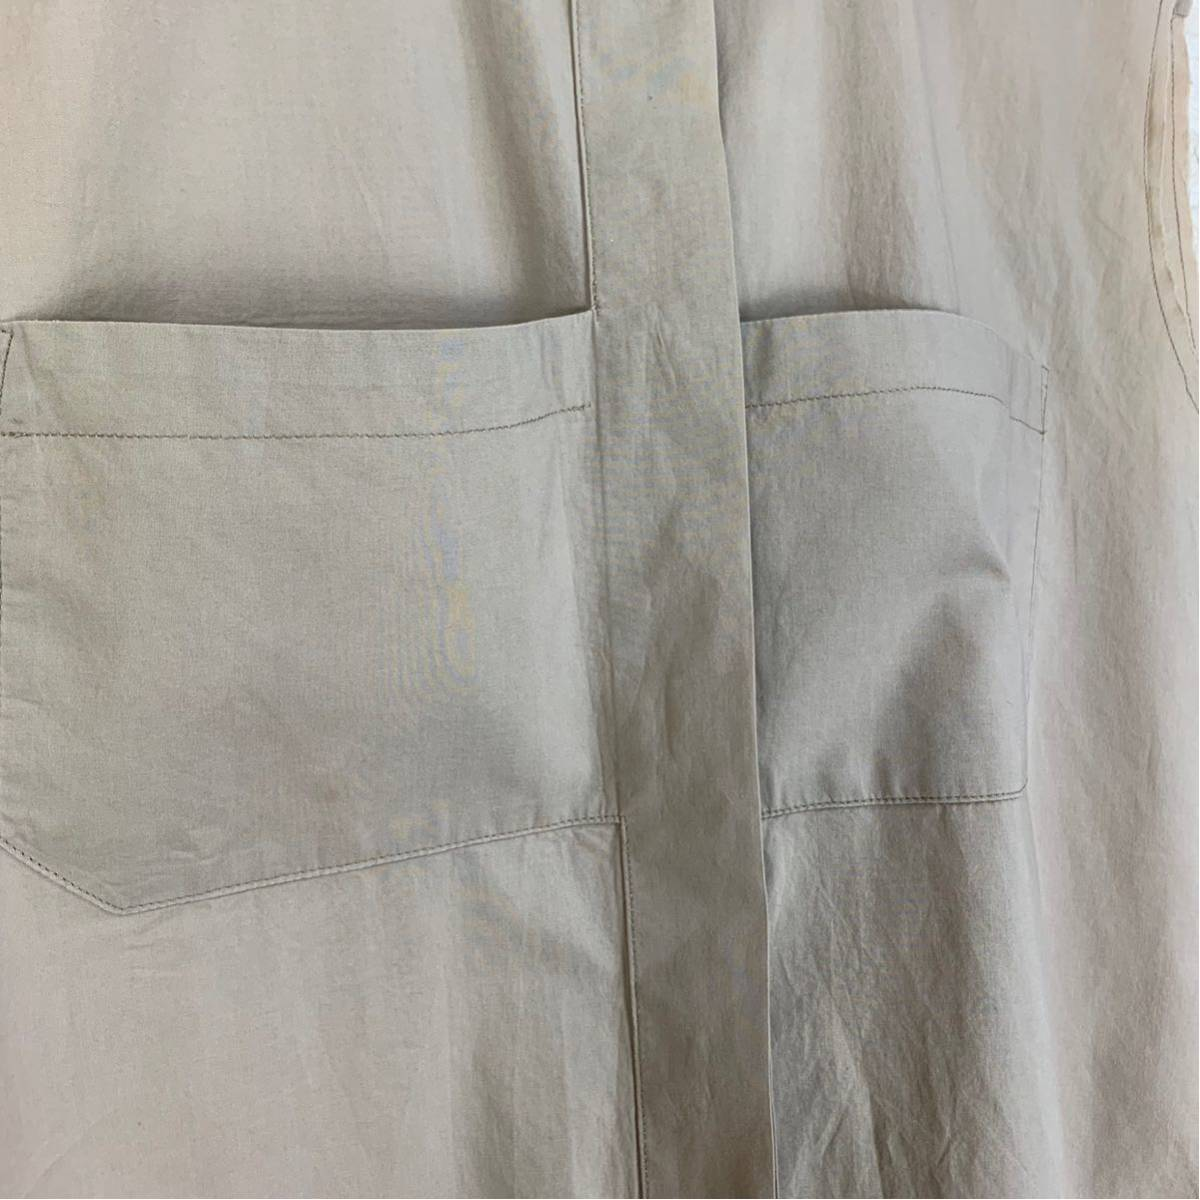 Martin Margiela 初期 変形カットオフシャツ 白タグ 2003SS アーティザナル Maison メゾンマルタンマルジェラ 1円スタート レディース _画像5